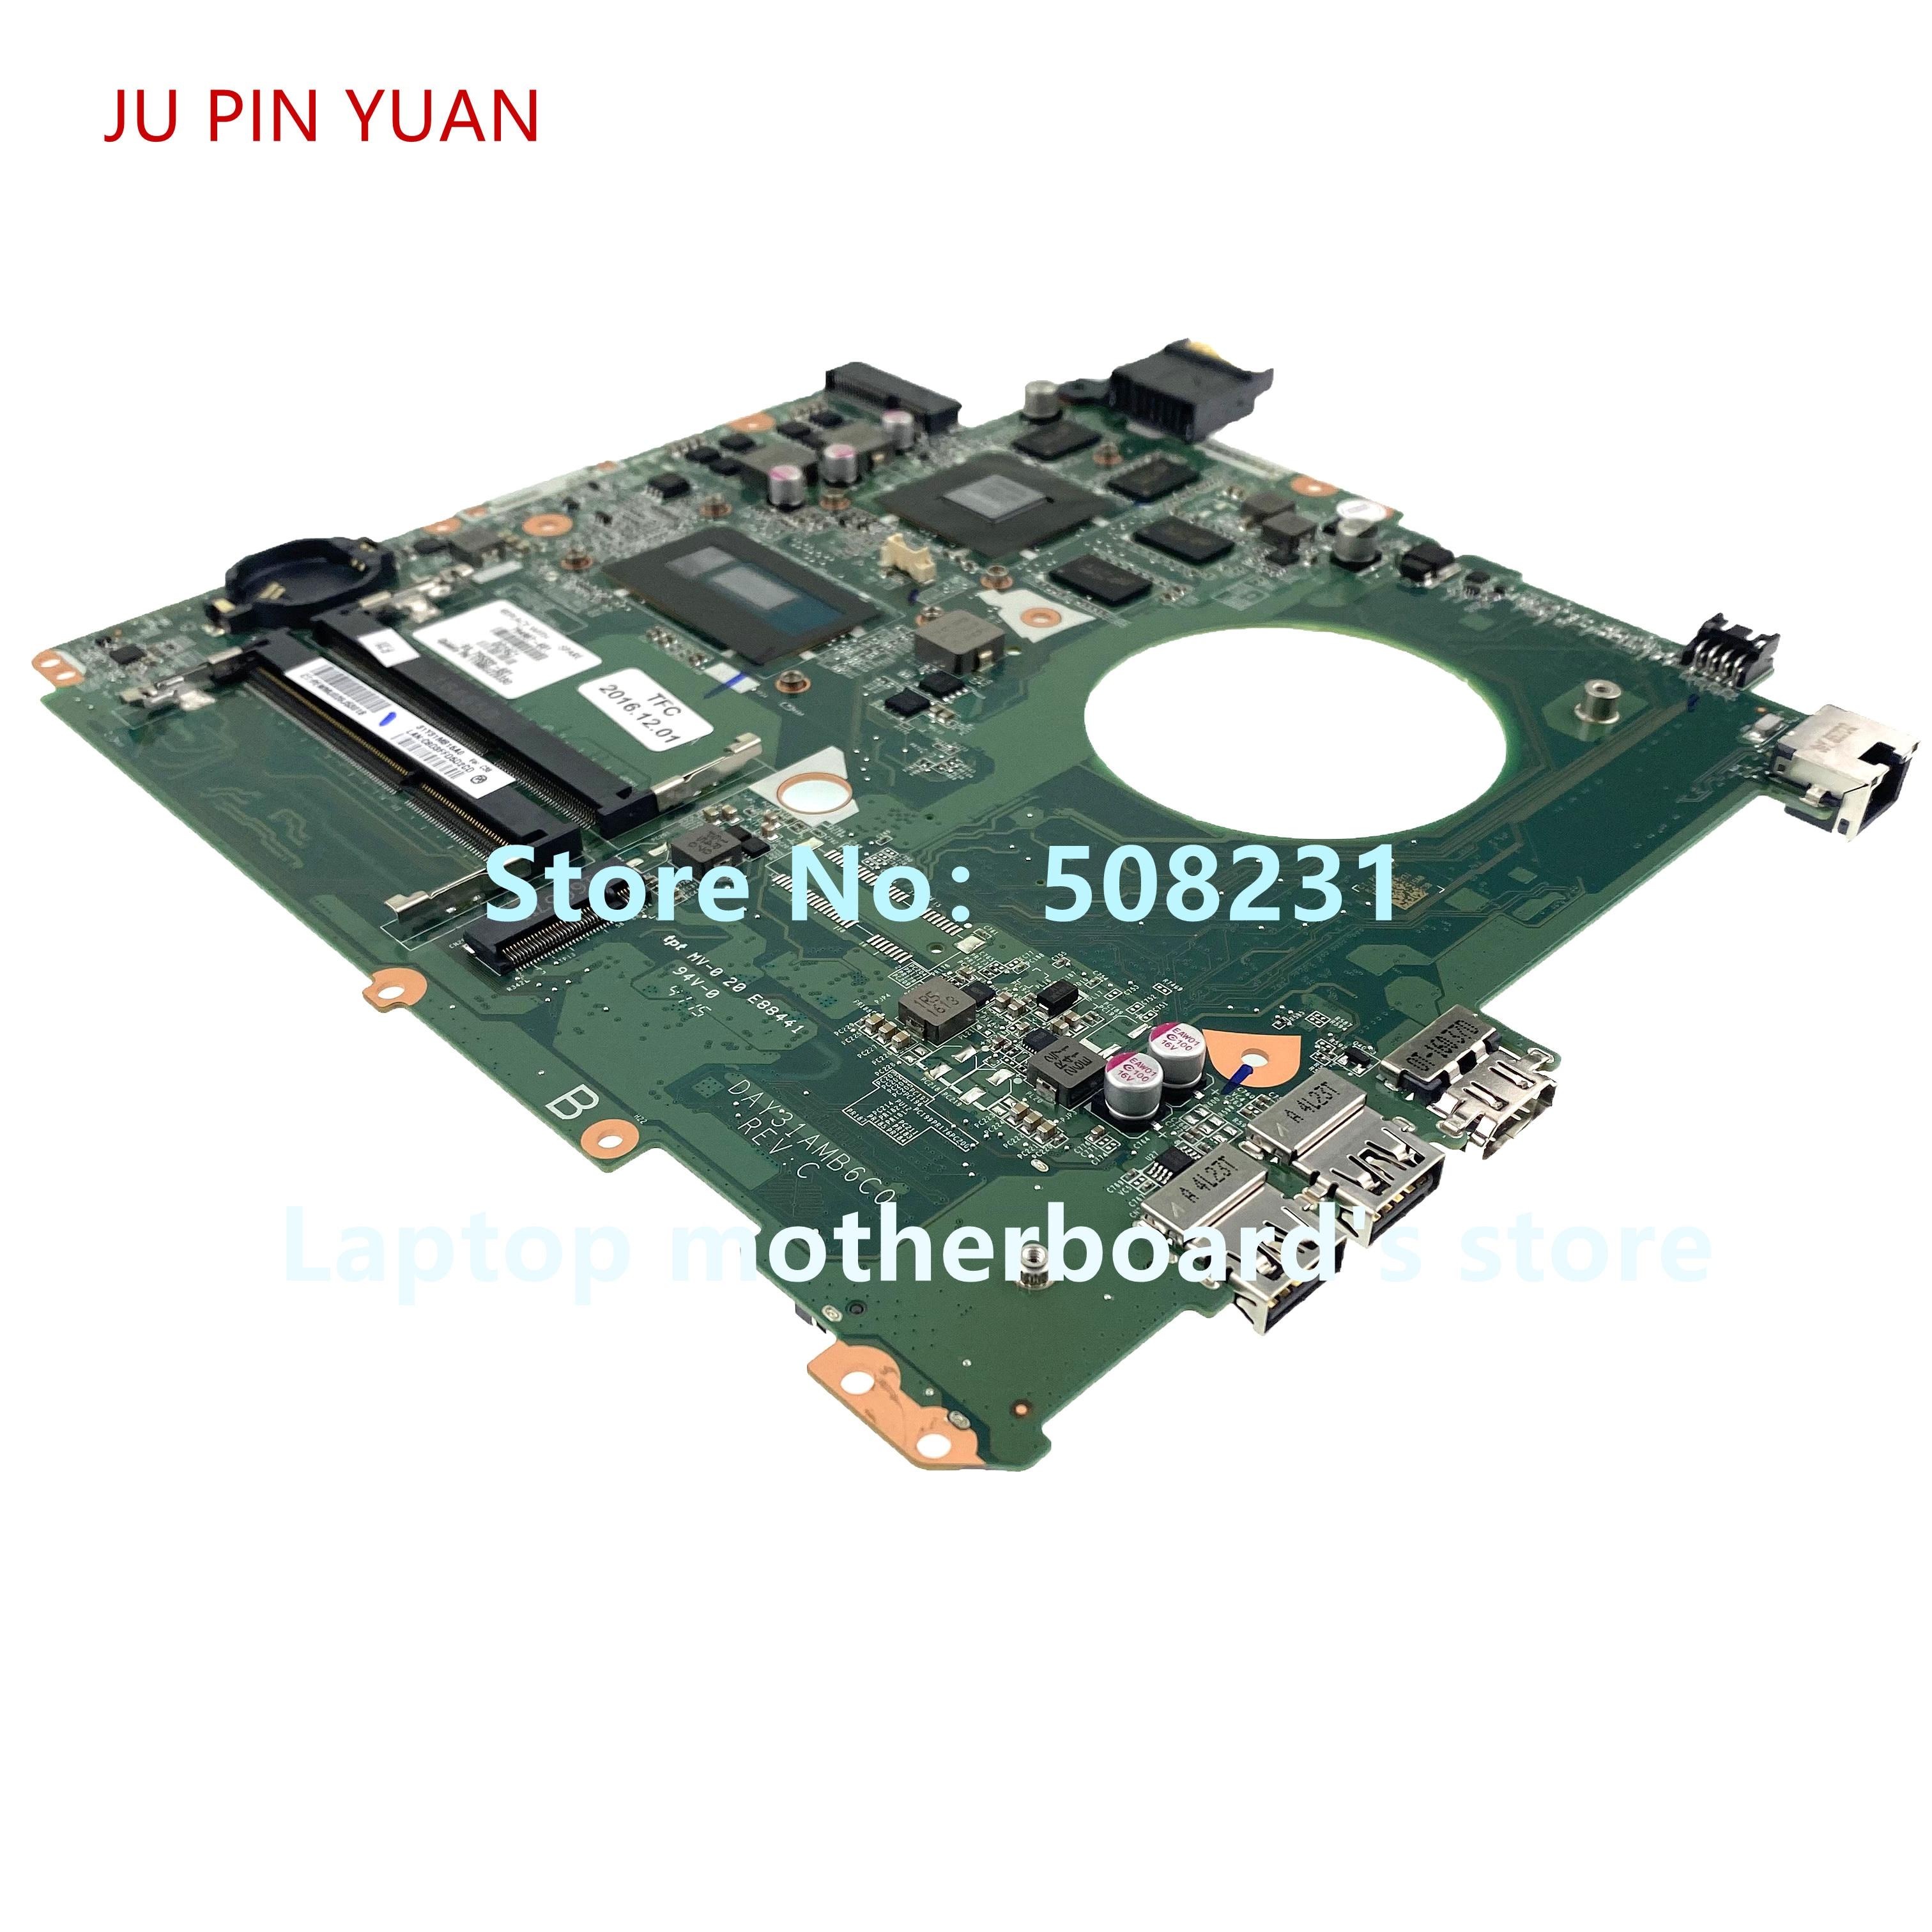 JU PIN YUAN 794987-001 794987-501 794987-601 DAY31AMB6C0 For HP Envy 15-K 15T-K Laptop Motherboard With 850M/4GB I7-5500U